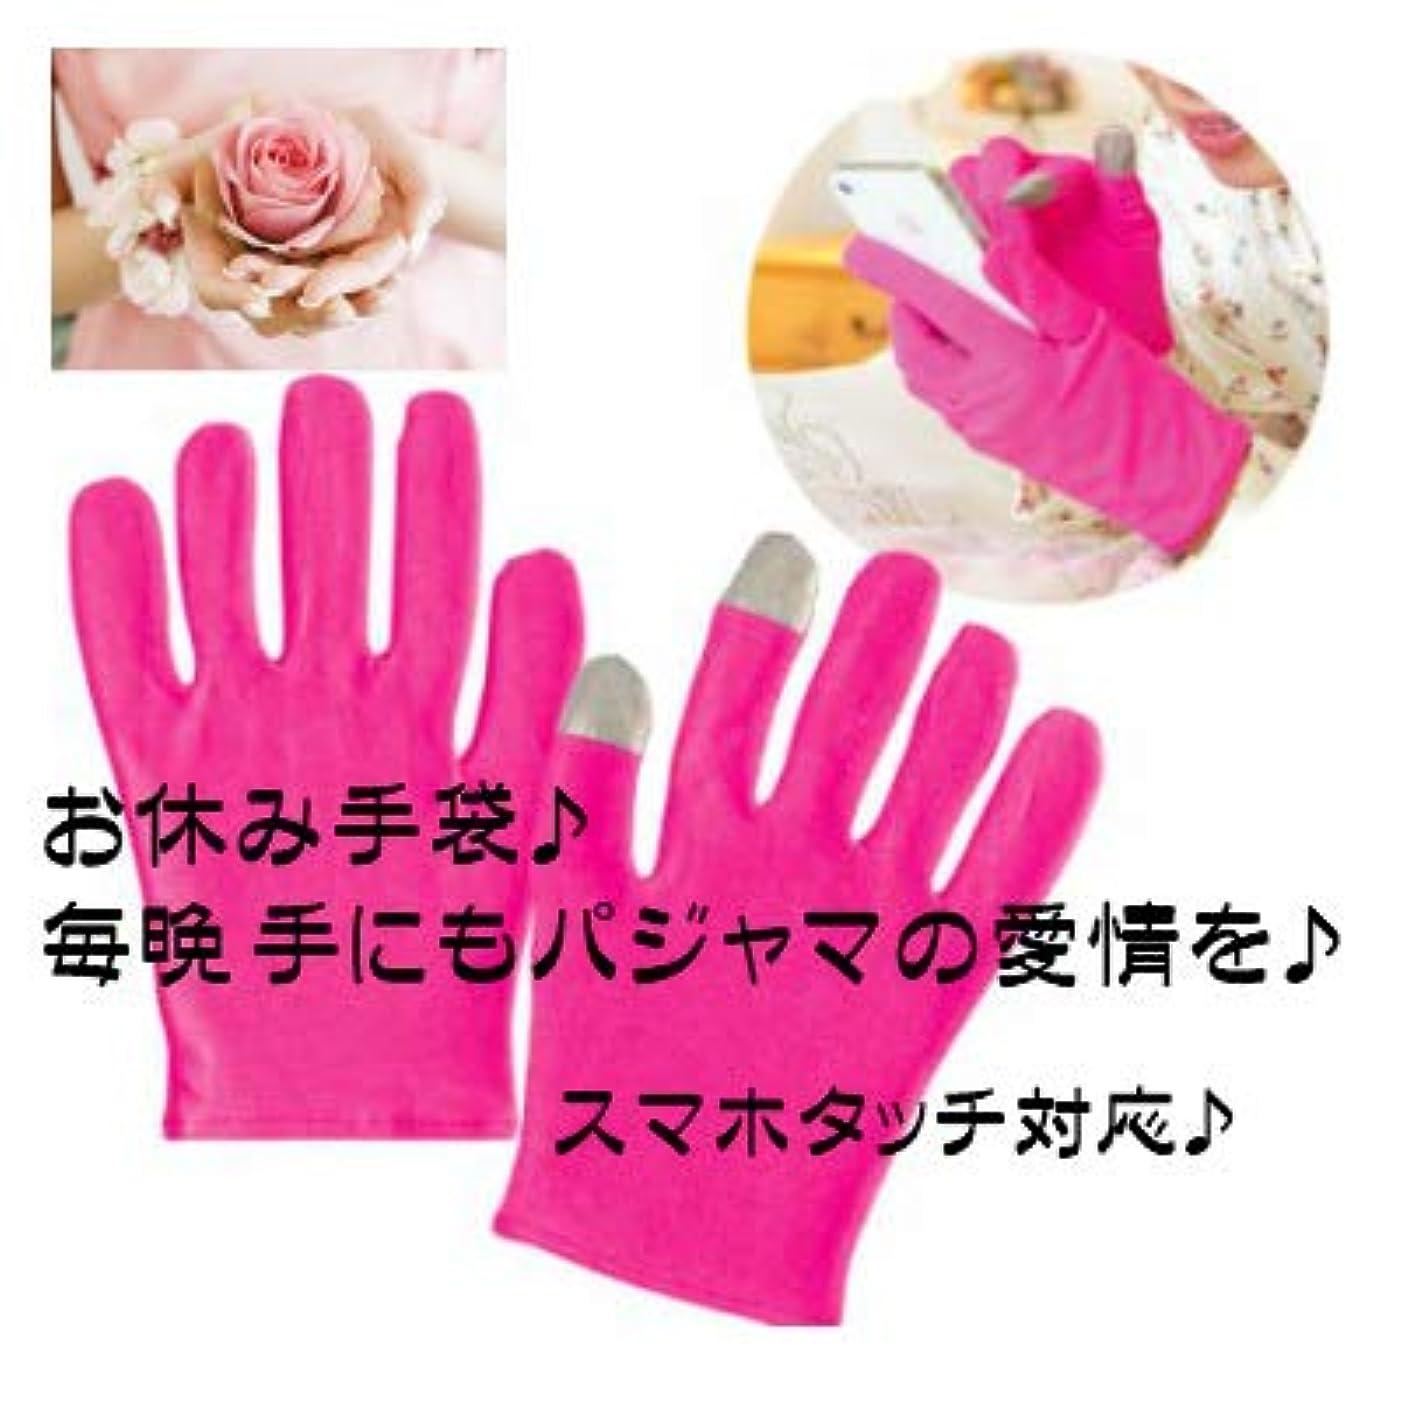 ヒールディレクトリアラブ●美容ハンドケア手袋 就寝手袋 スマホタッチ対応 おやすみ手袋保湿手袋ネイルケア